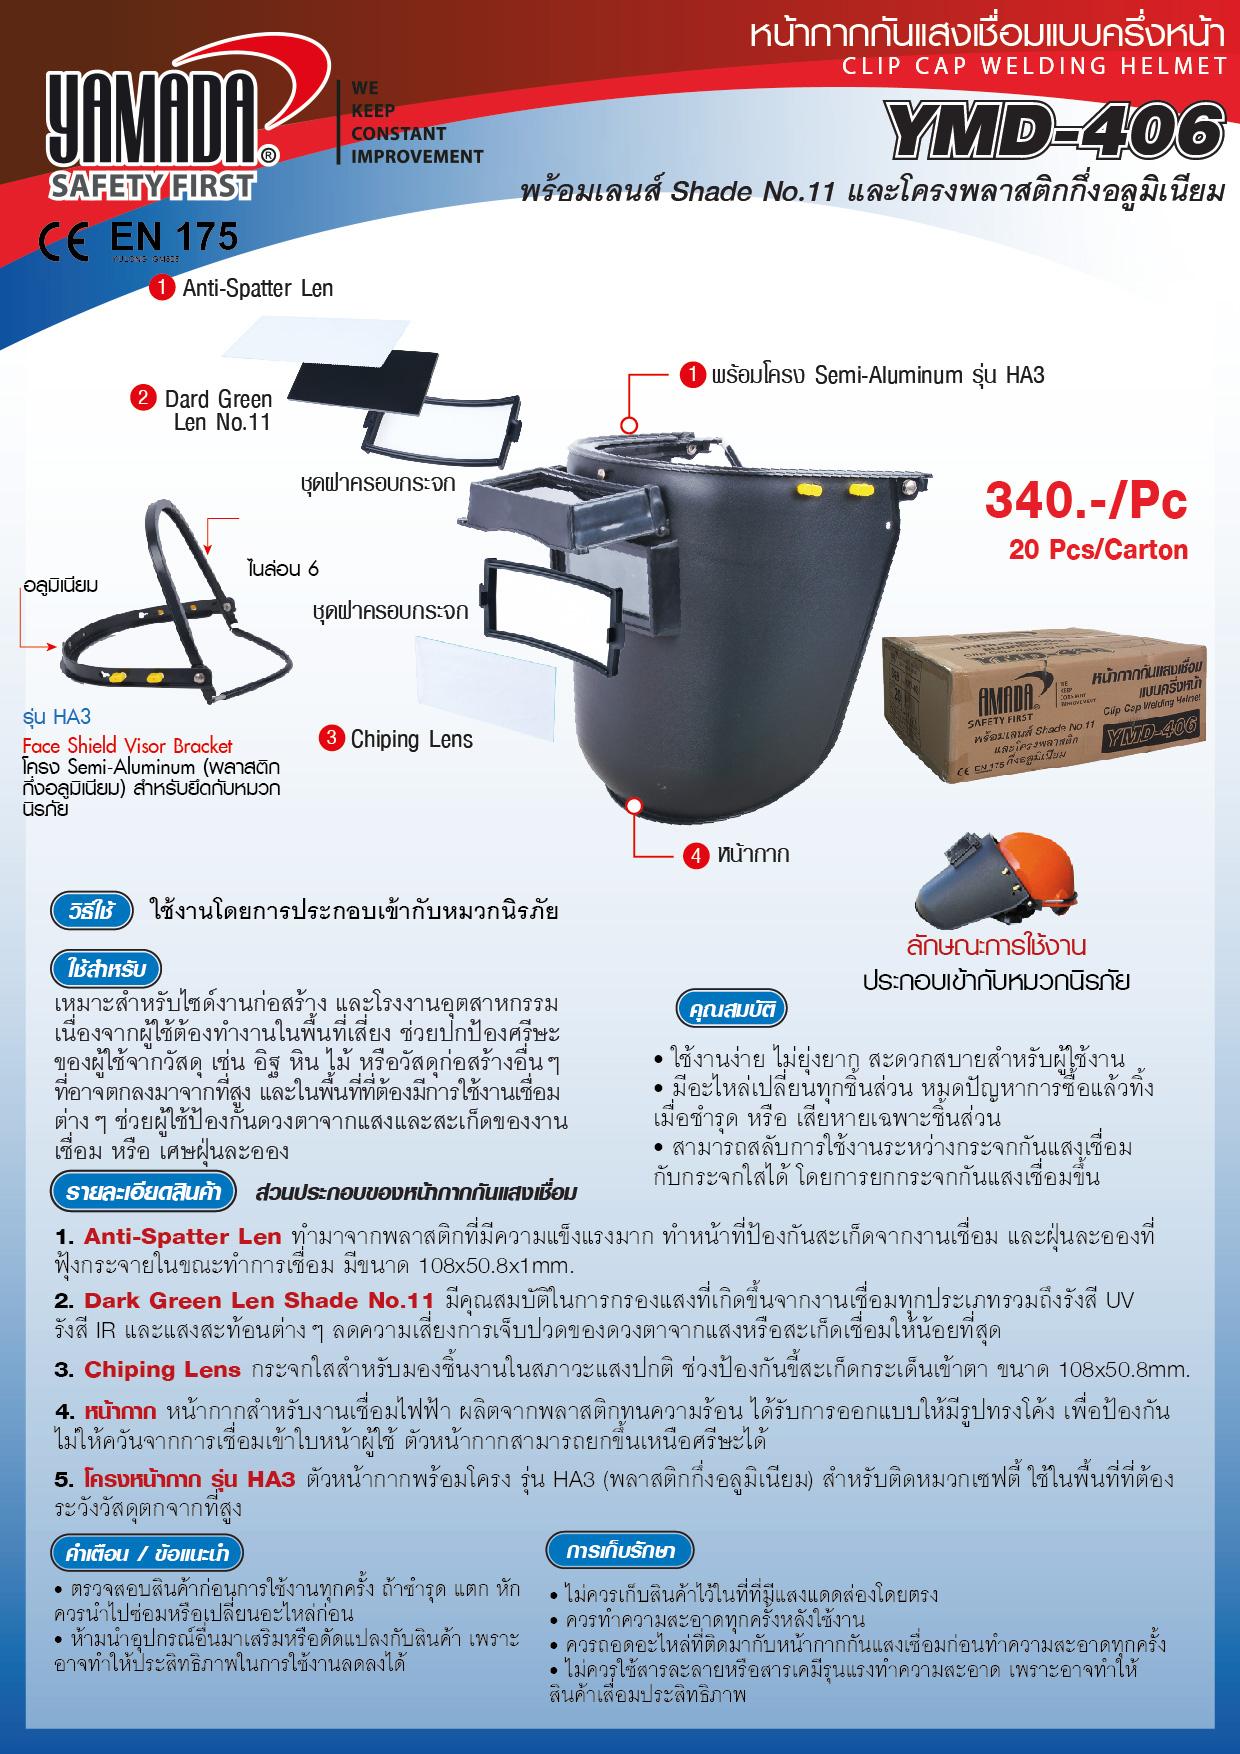 (11/16) แว่นตากันแสงเชื่อม รุ่น YMD-406